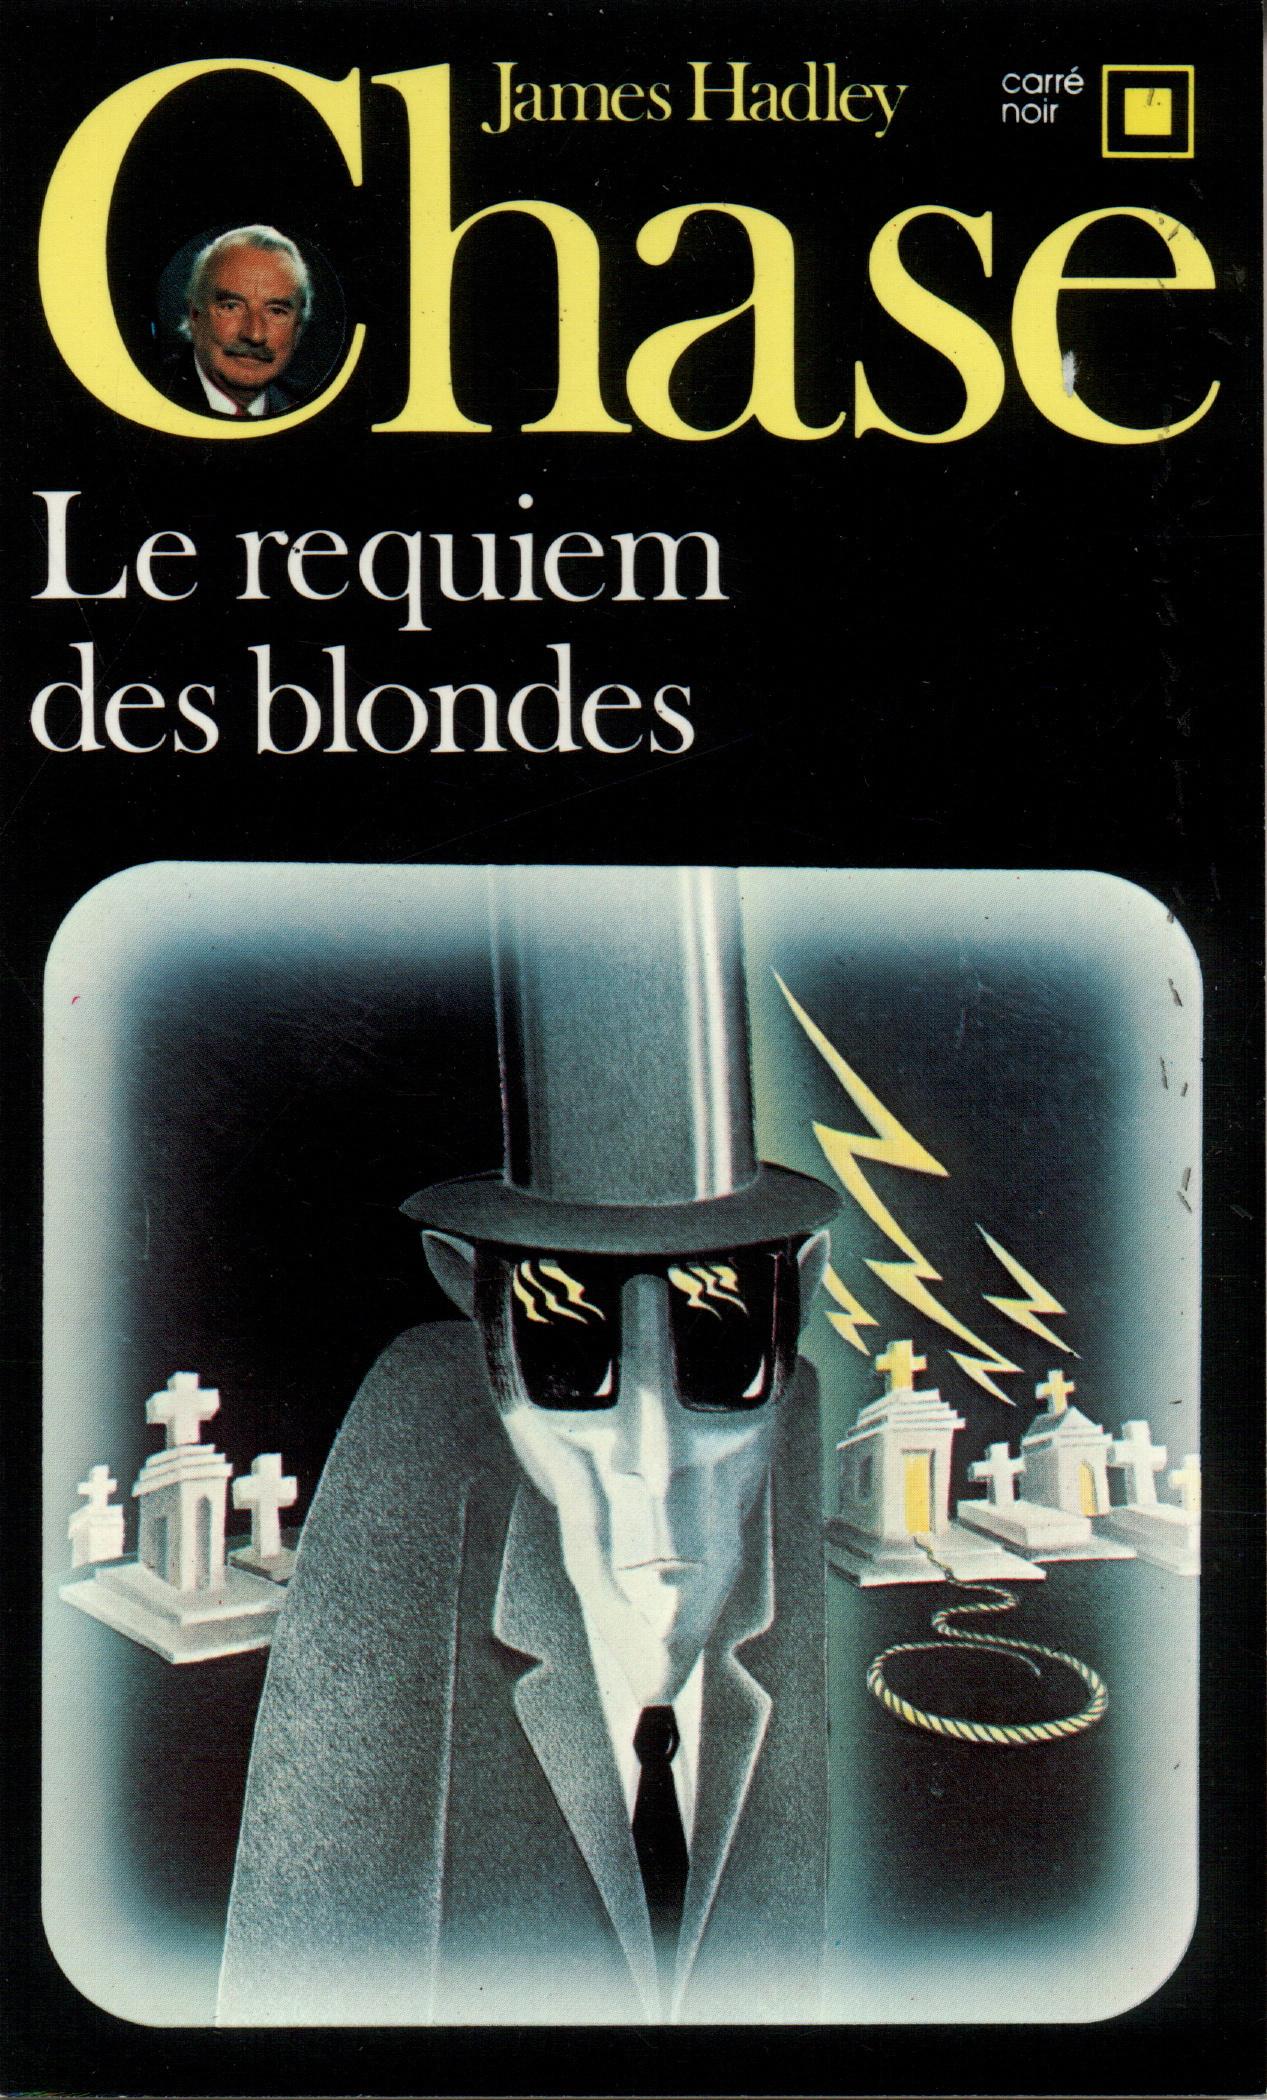 Le Requiem des blondes James Hadley Chase